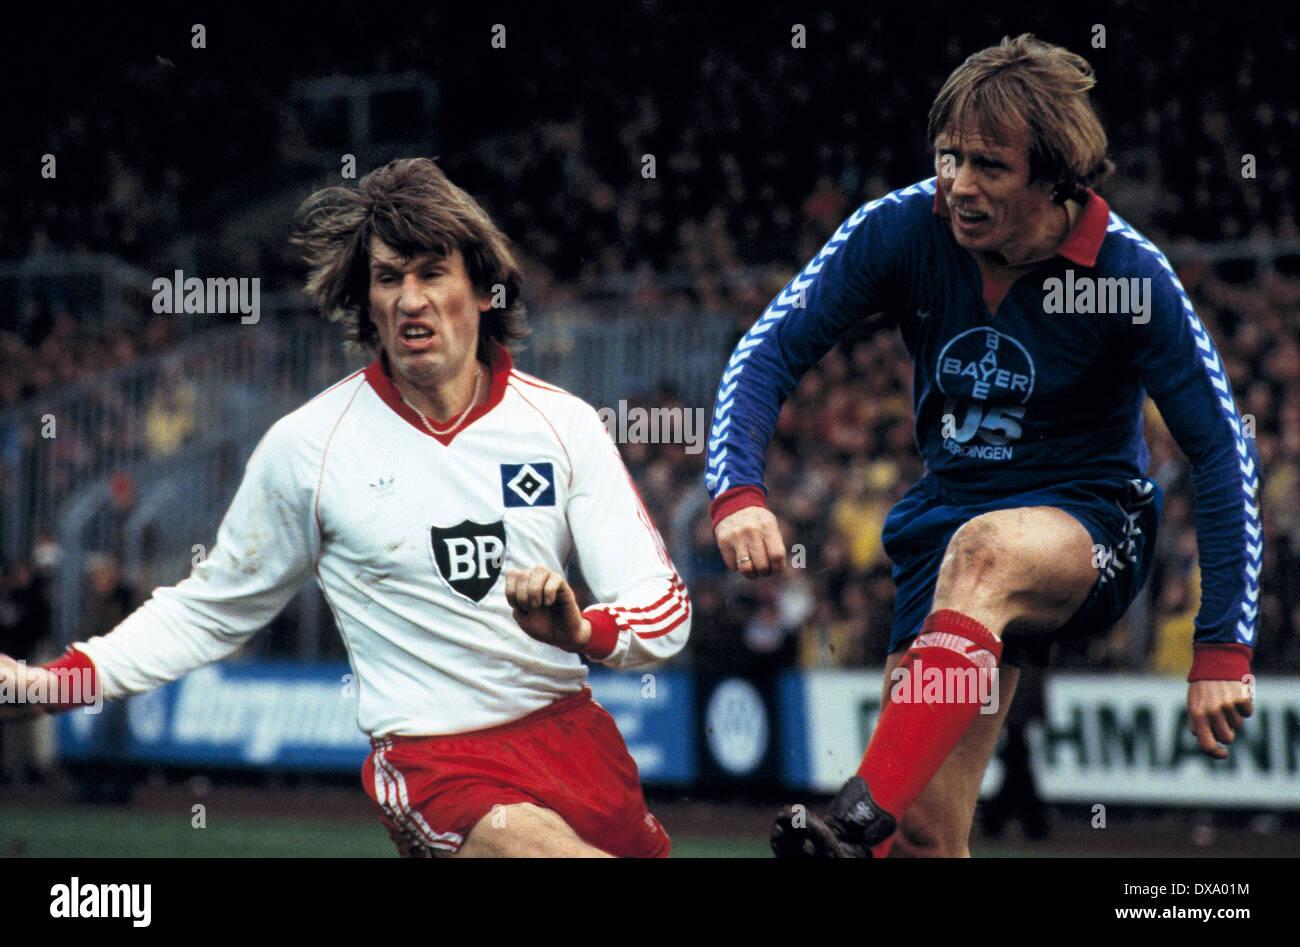 football, Bundesliga, 1980/1981, Grotenburg Stadium, FC Bayer 05 Uerdingen versus Hamburger SV 0:3, scene of the match, Manfred Kaltz (HSV) left and Siegfried Held (Bayer) - Stock Image